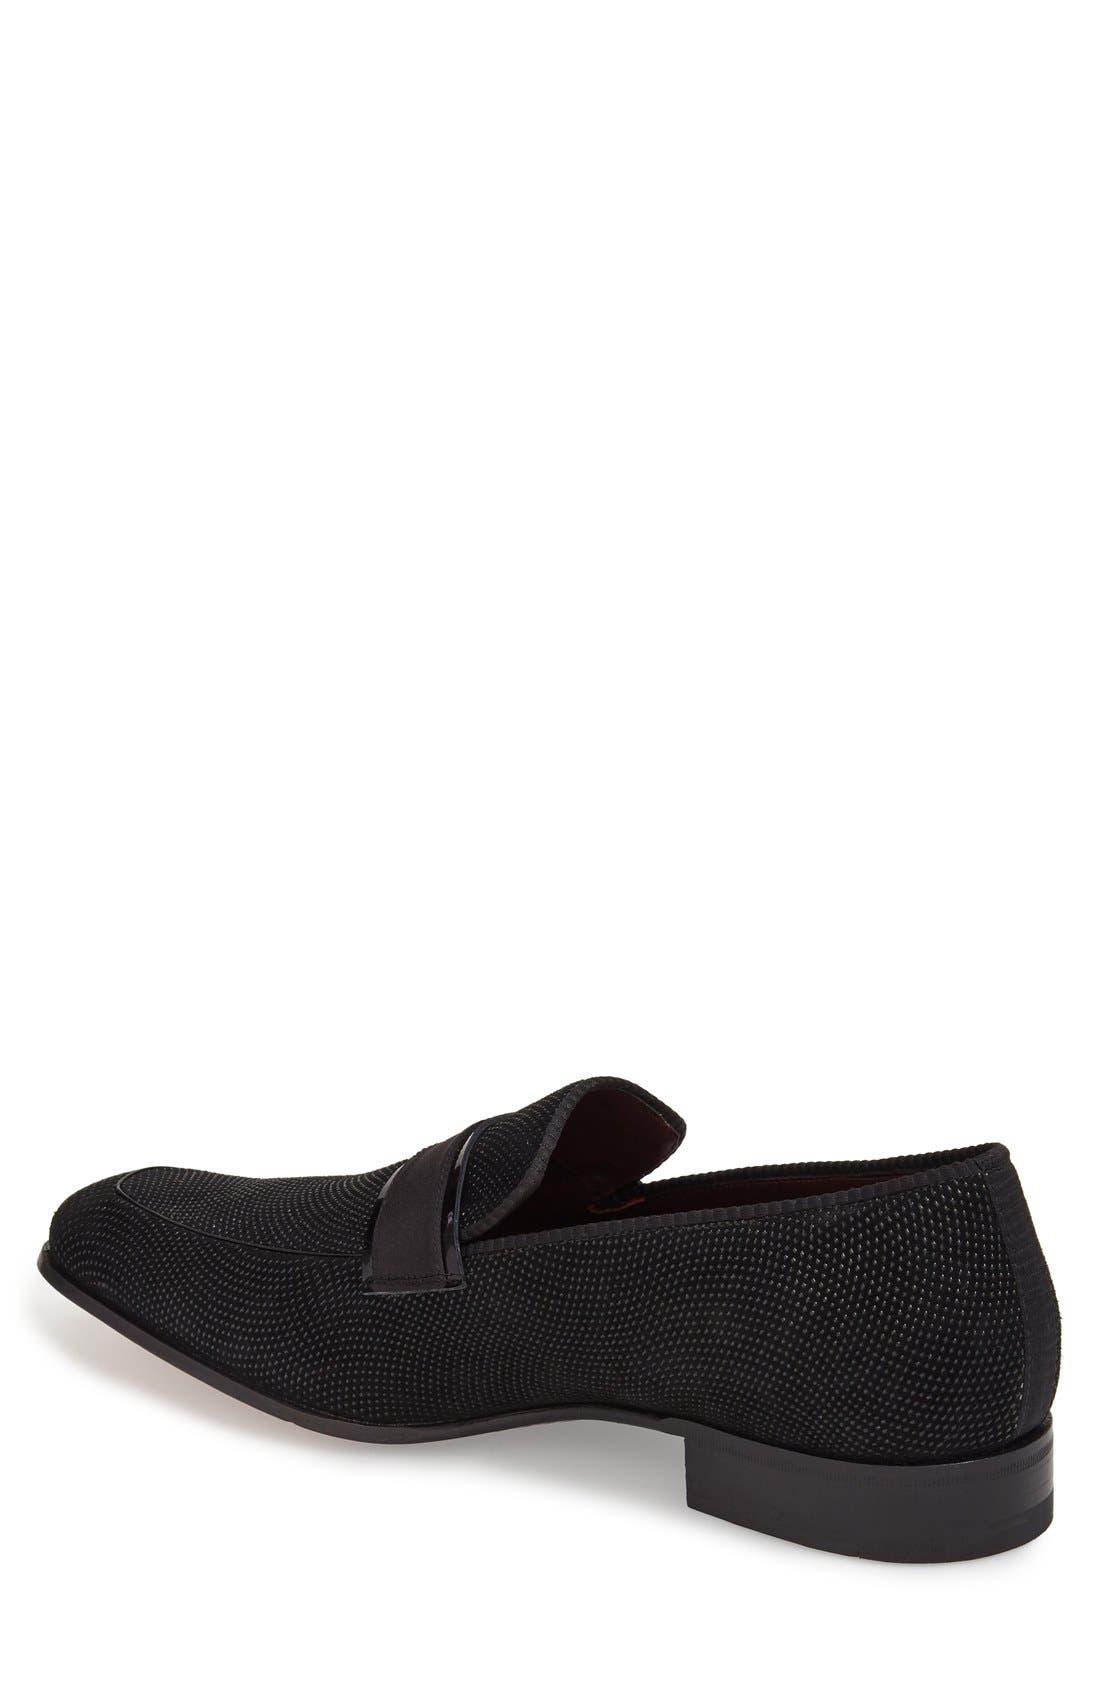 'Capizzi' Venetian Loafer,                             Alternate thumbnail 3, color,                             BLACK